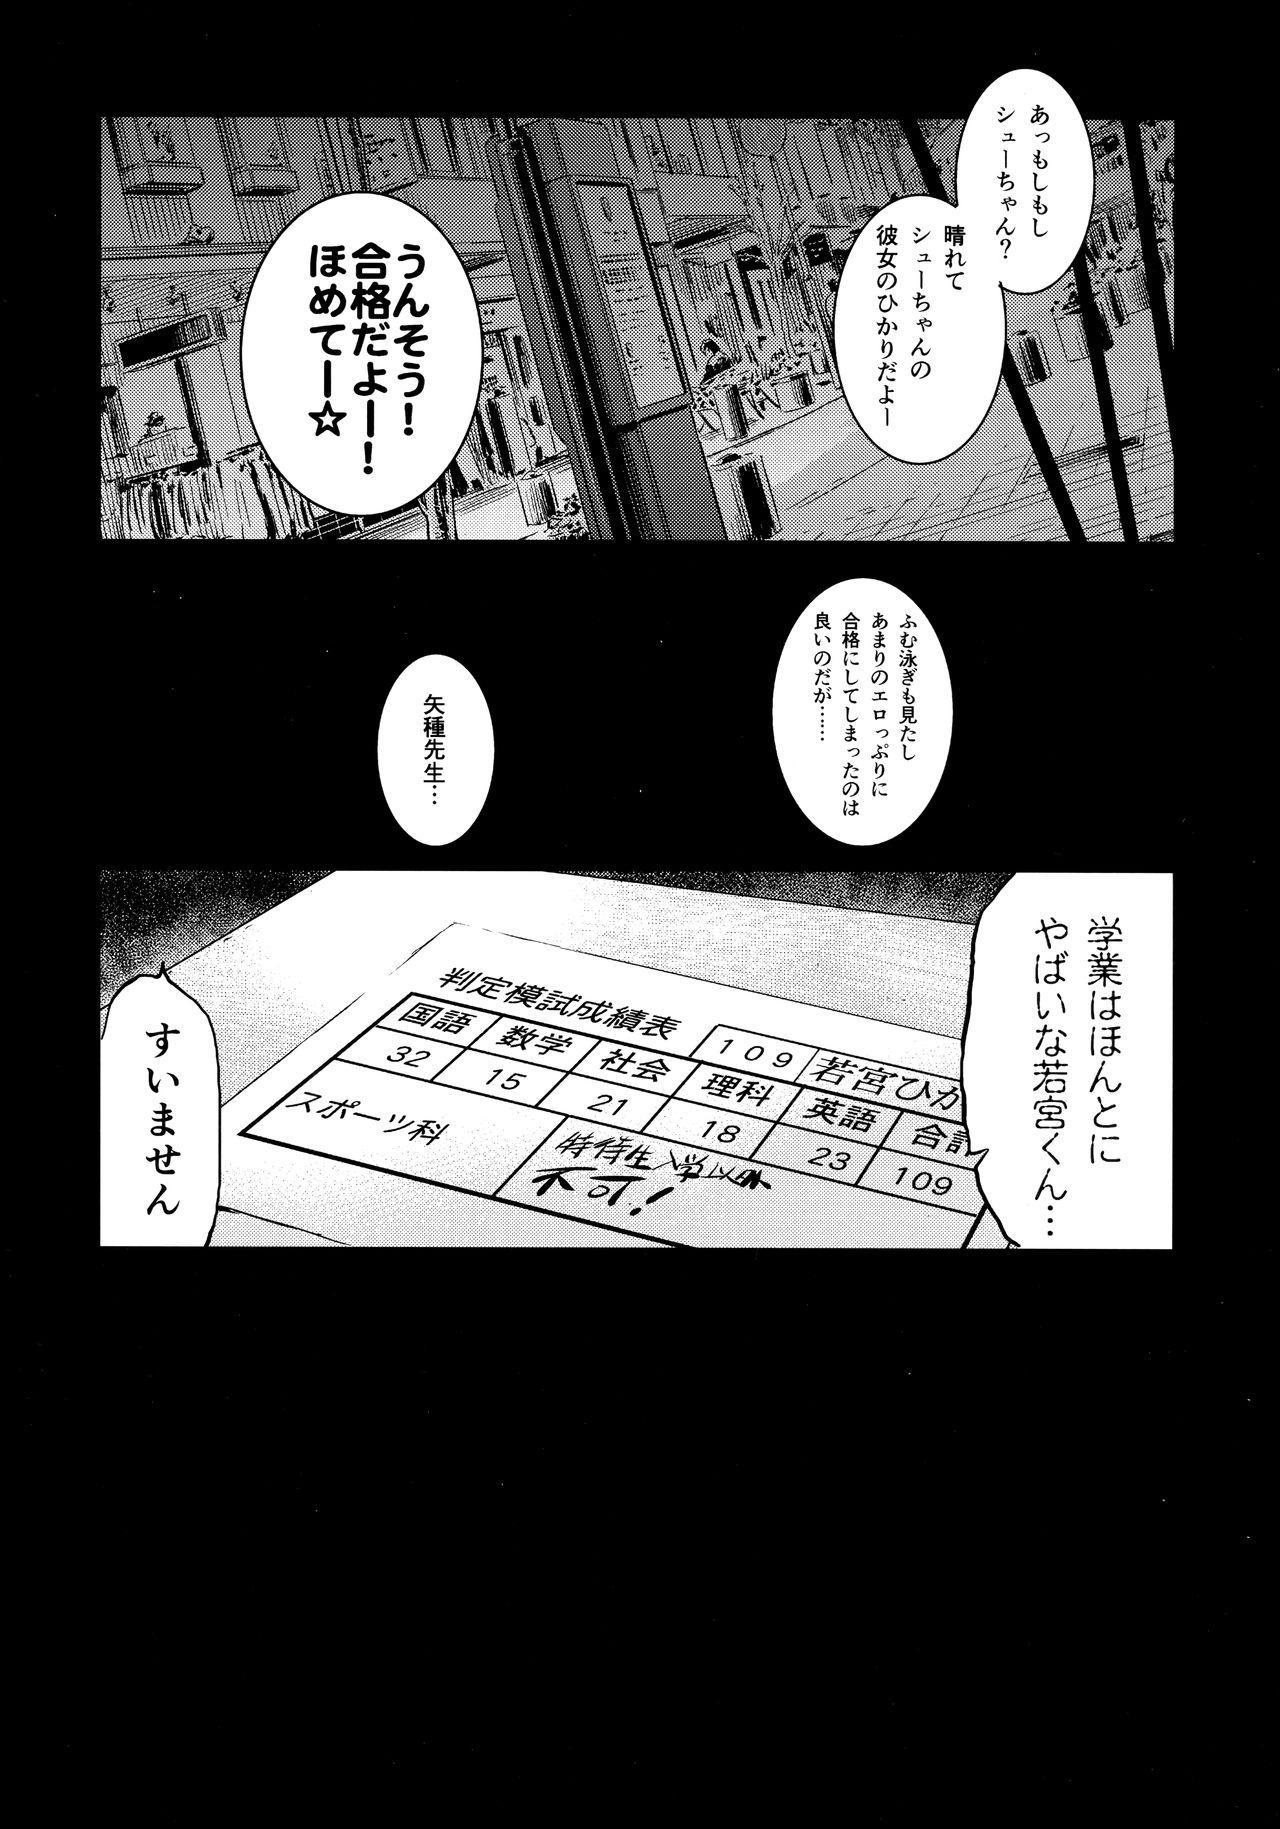 Tokutaisei Shiken - Baka Dakedo Aitsu to Issho no Gakkou Ikitai Kara Tokui Bunya de Ganbatta. 26